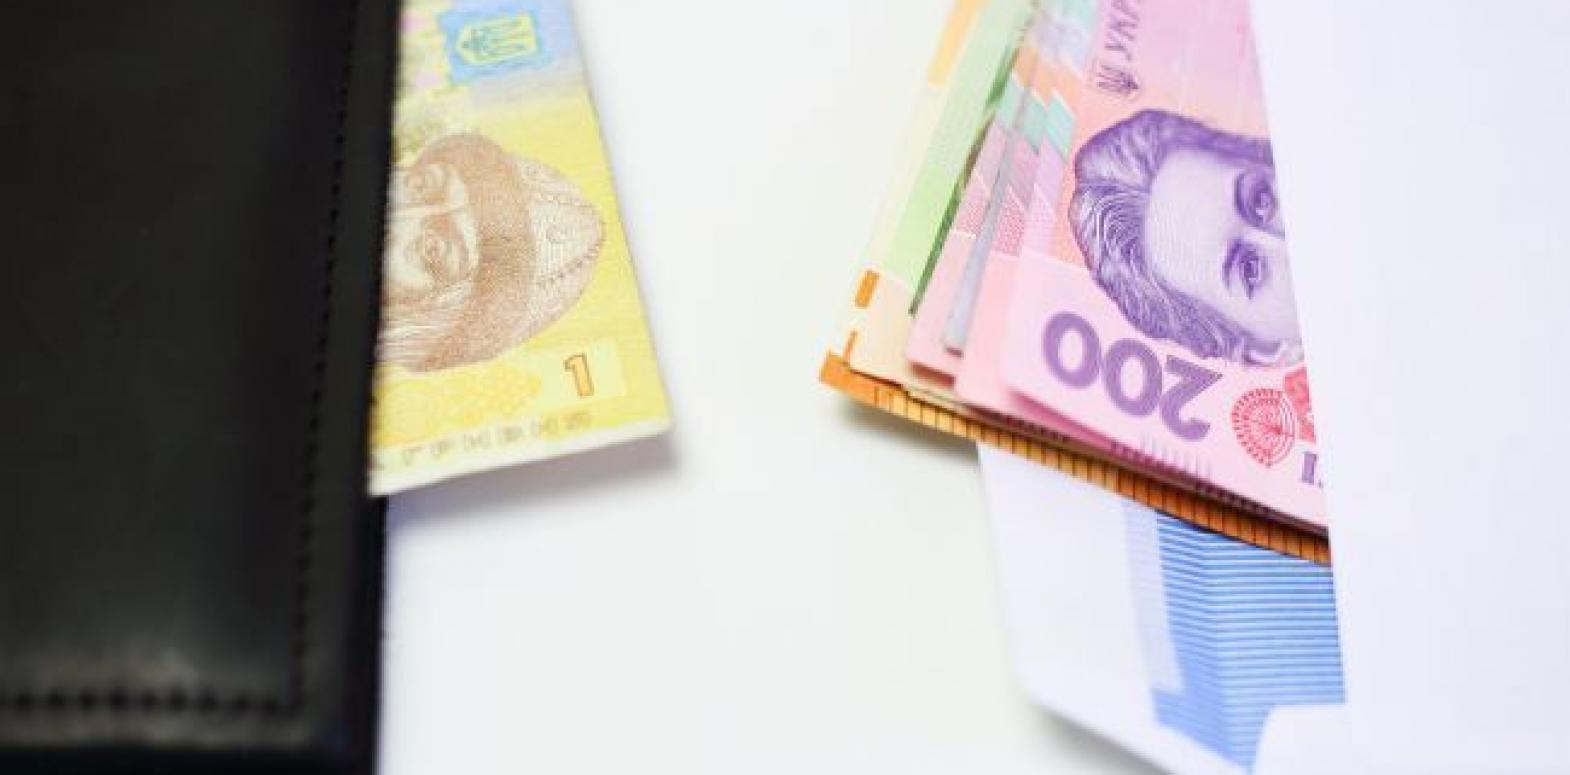 Почти половину зарплат в Украине платят в конвертах, - исследование